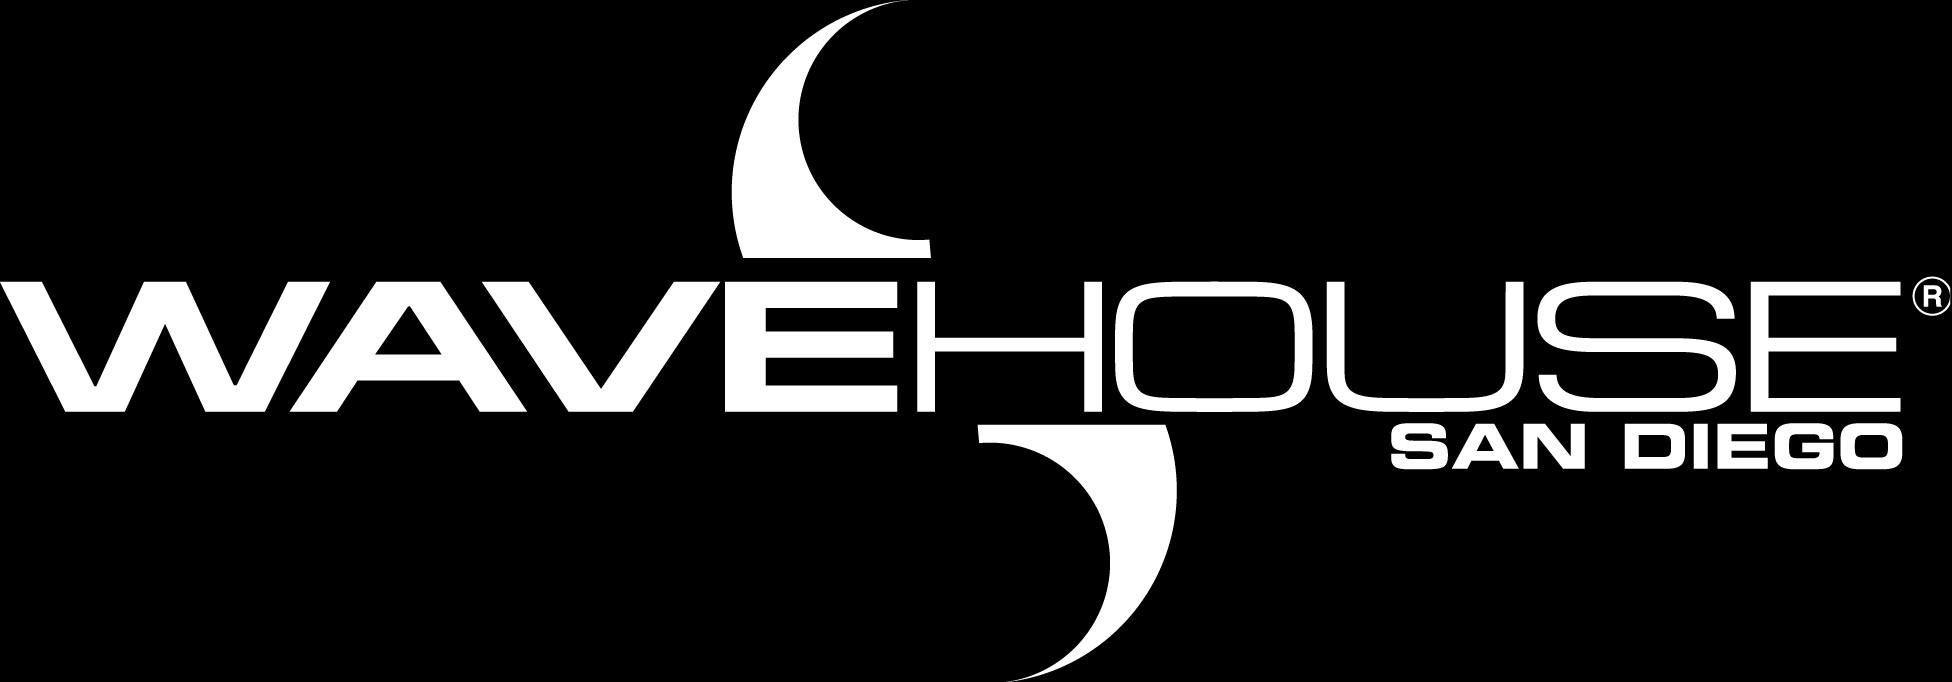 Nightclub DJ, Wavehouse, Mission Beach San Diego